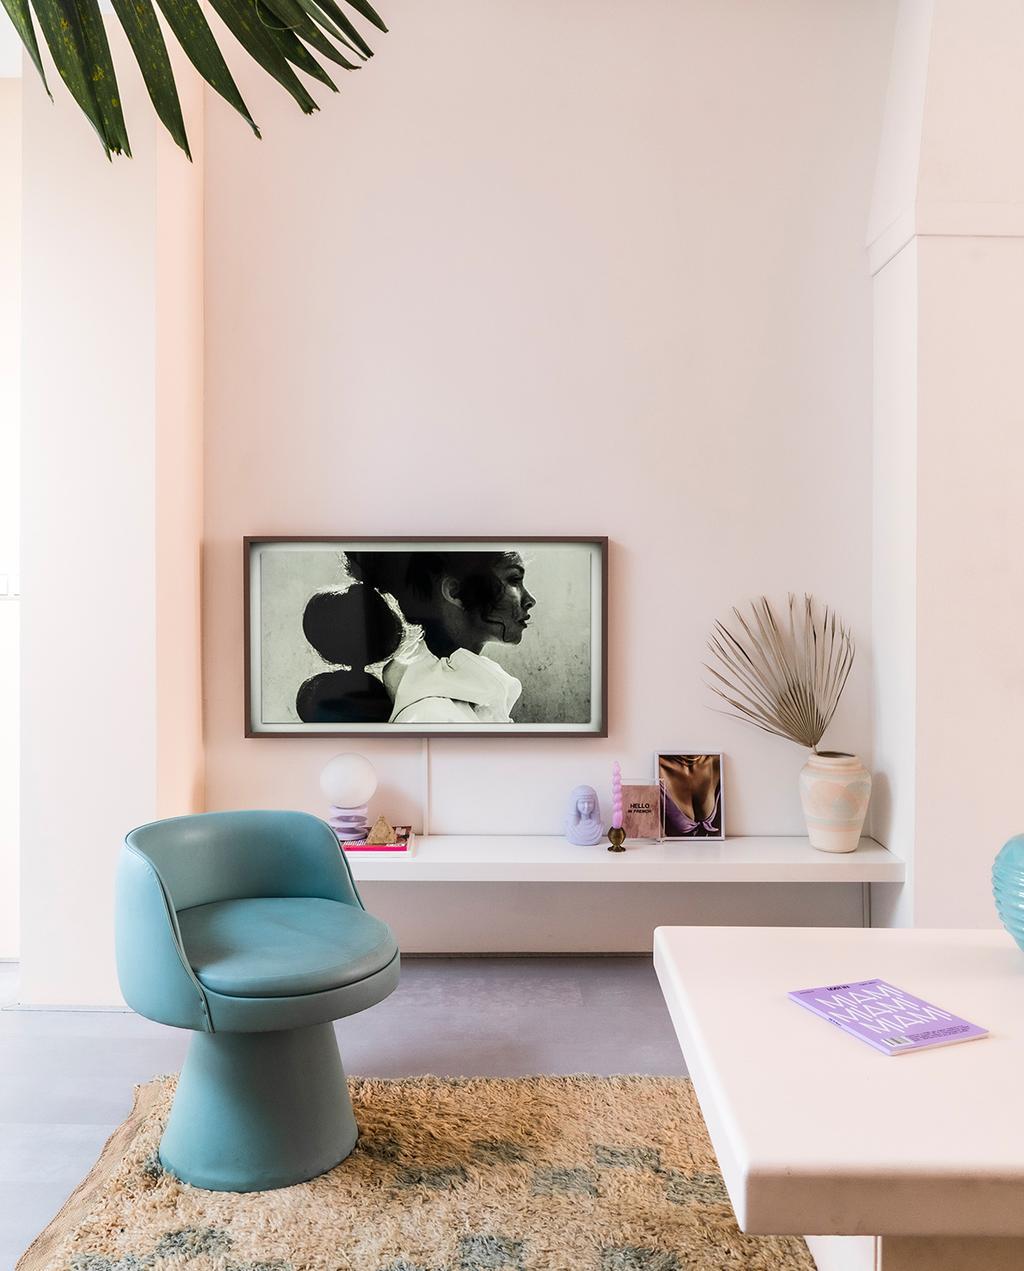 vtwonen 06-2021 | blauwe fauteuil en vloerkleed met kunstwerk op de achtermuur